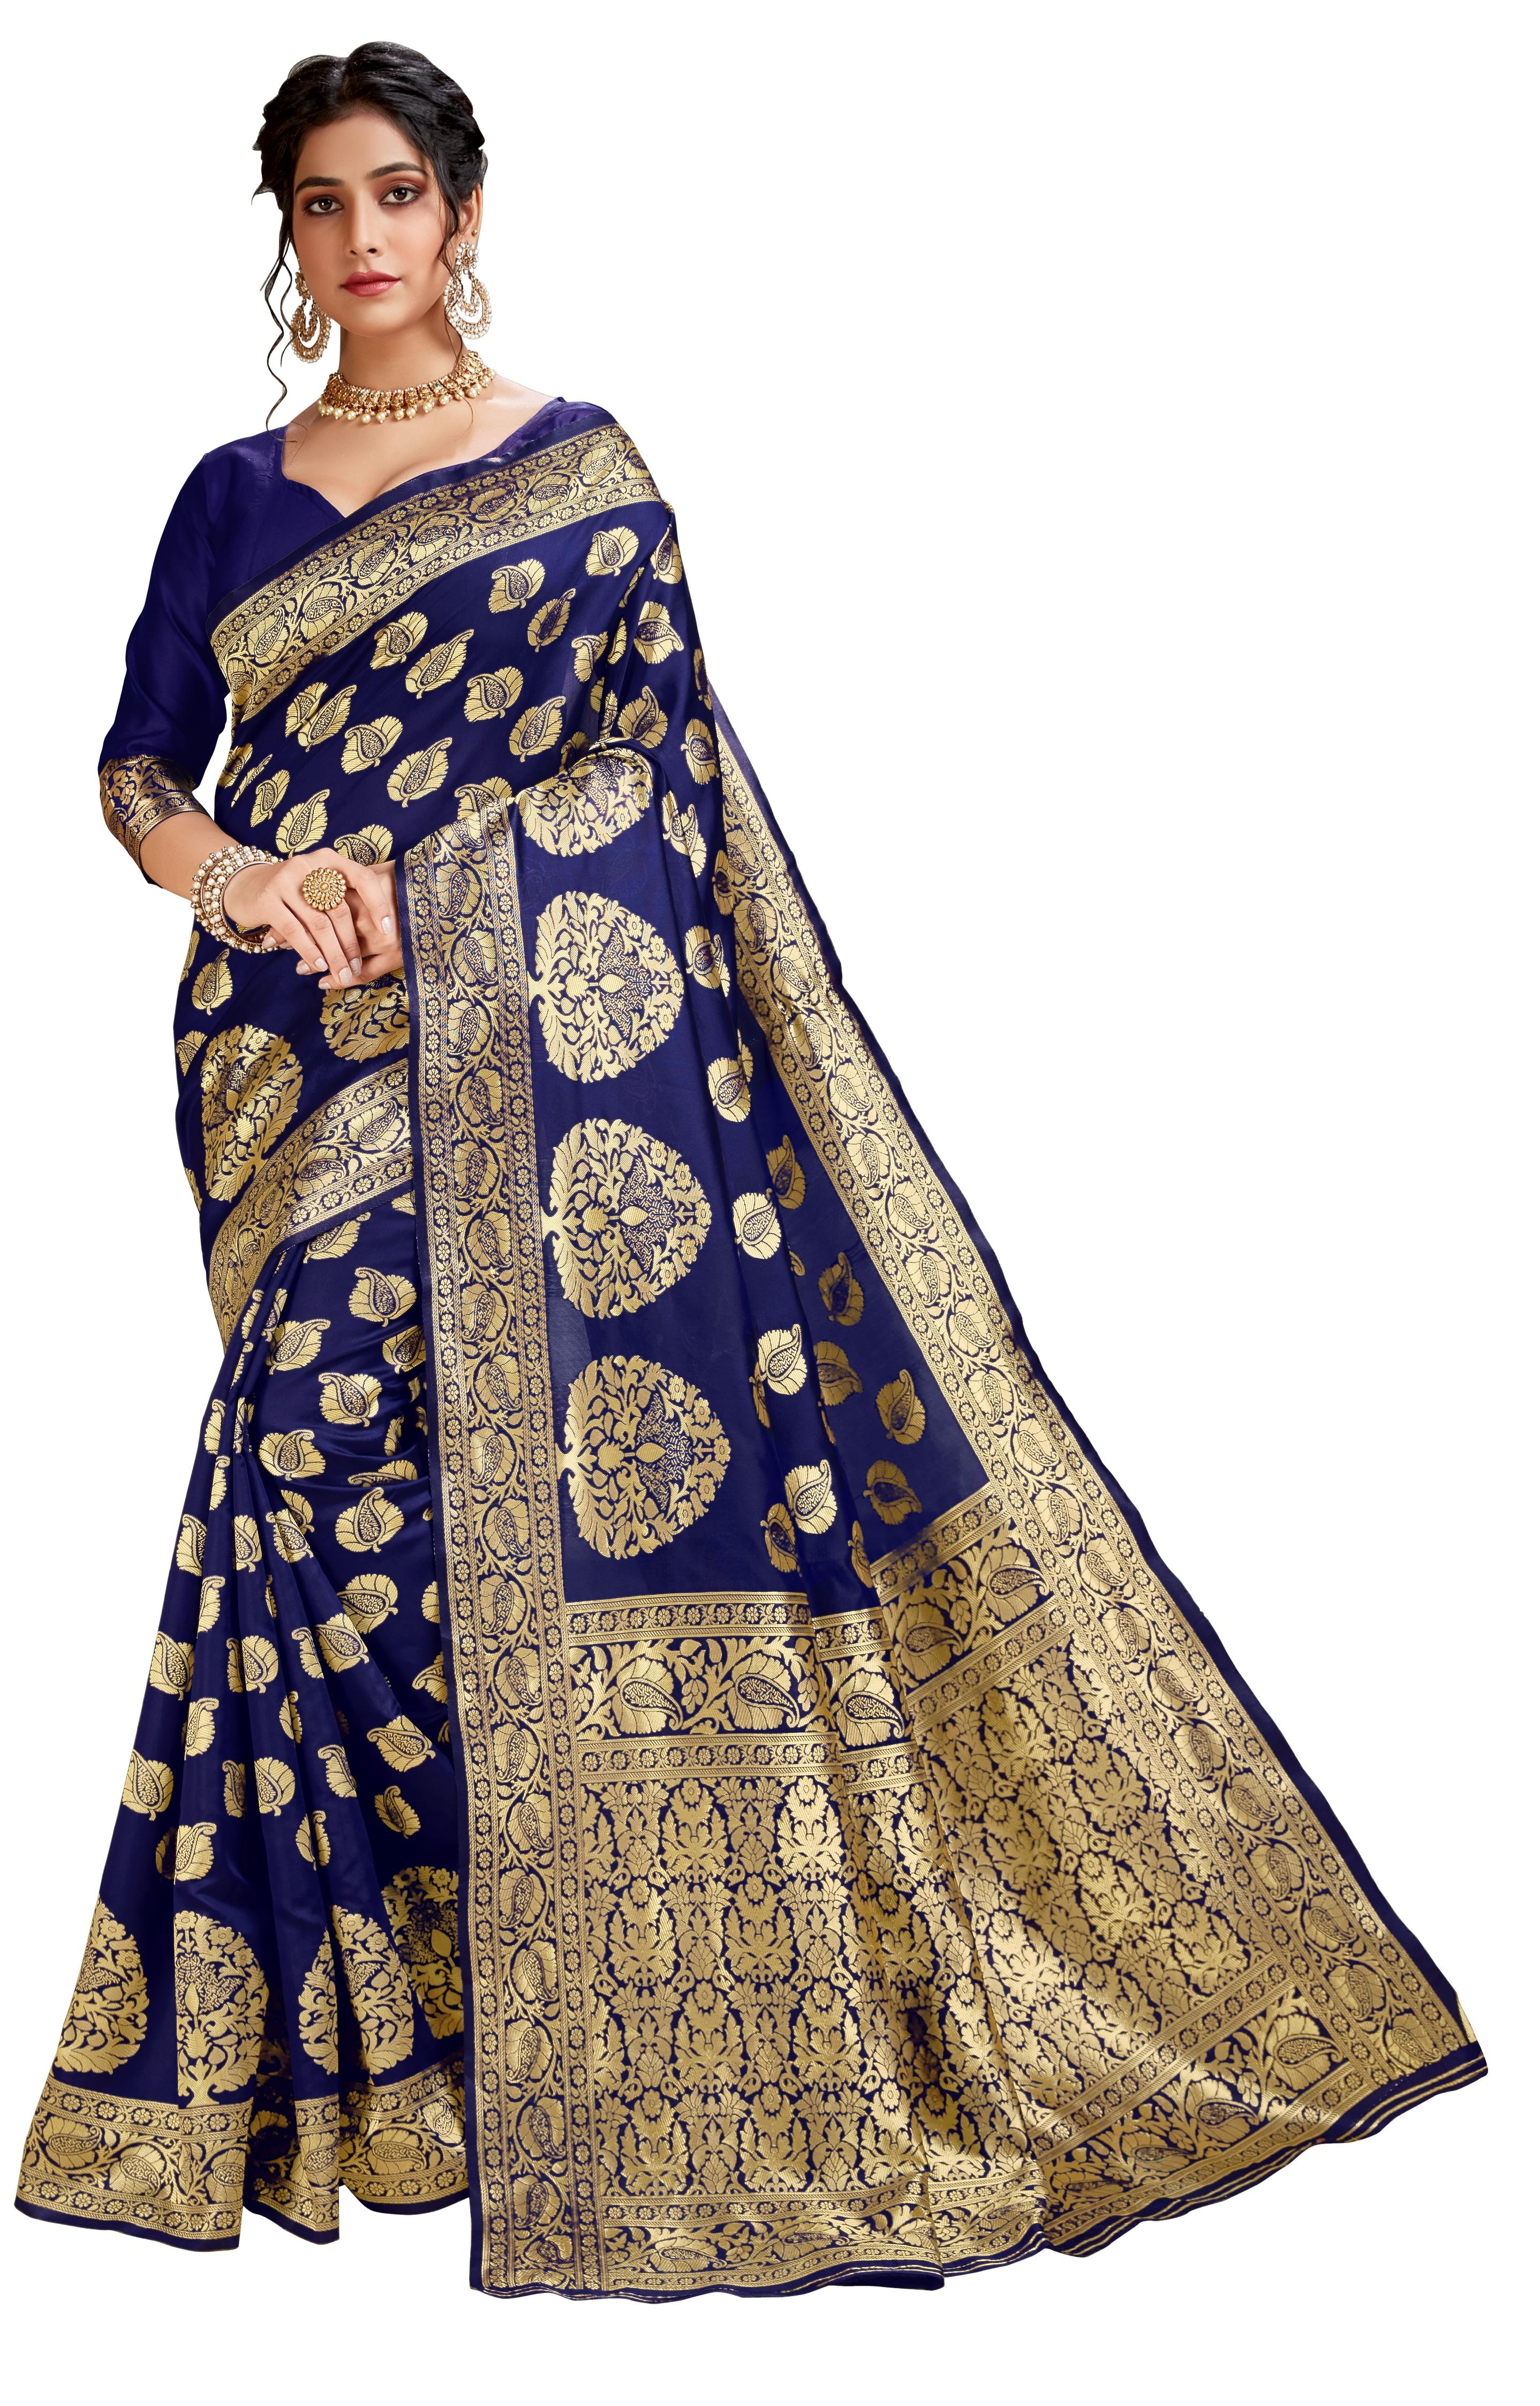 Glemora Blue Lichi Cotton Akriti Saree With Unstitched Blouse